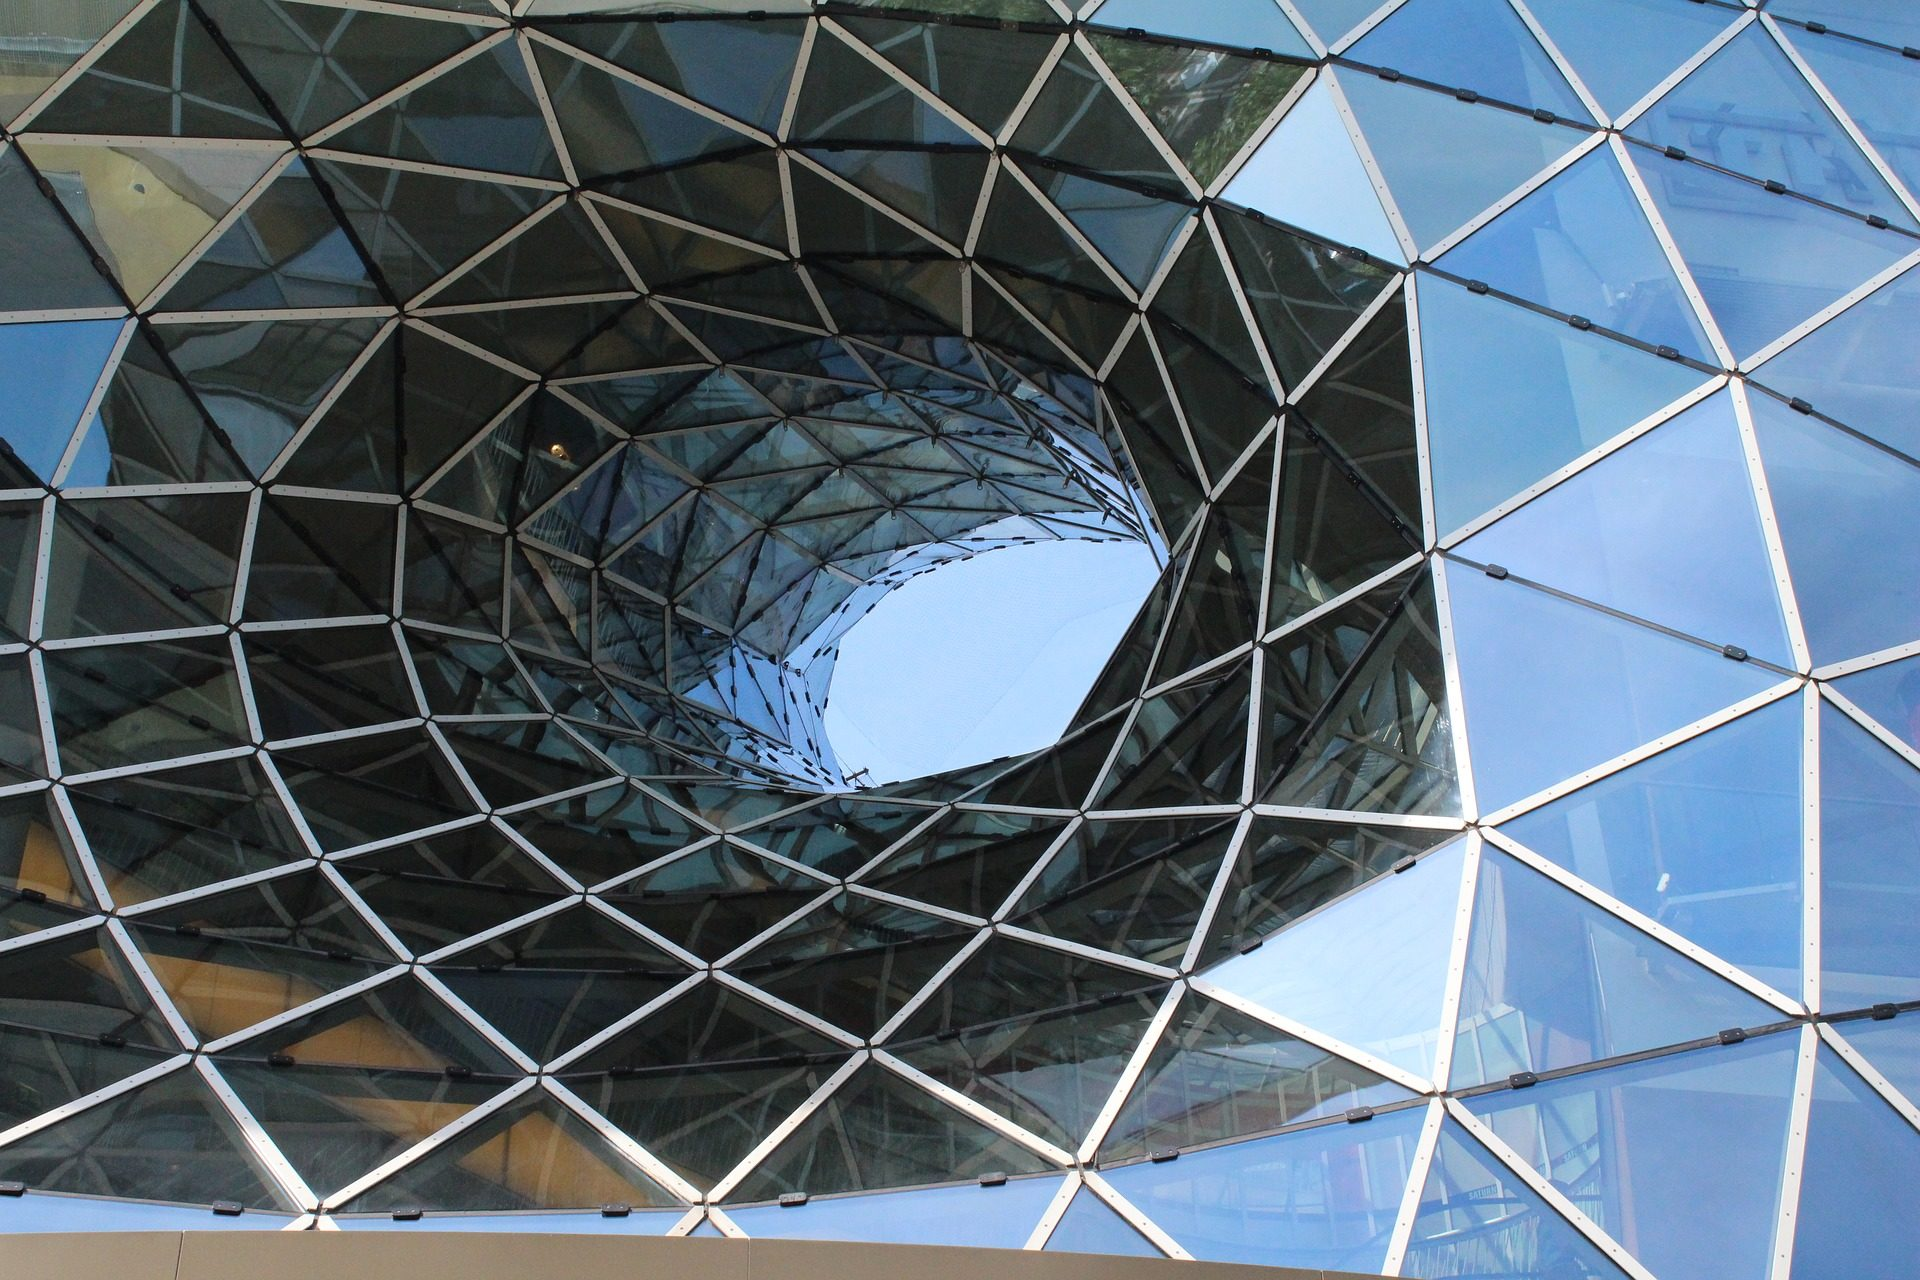 建物, ミラー, 結晶, ガラス, フランクフルト, ドイツ - HD の壁紙 - 教授-falken.com